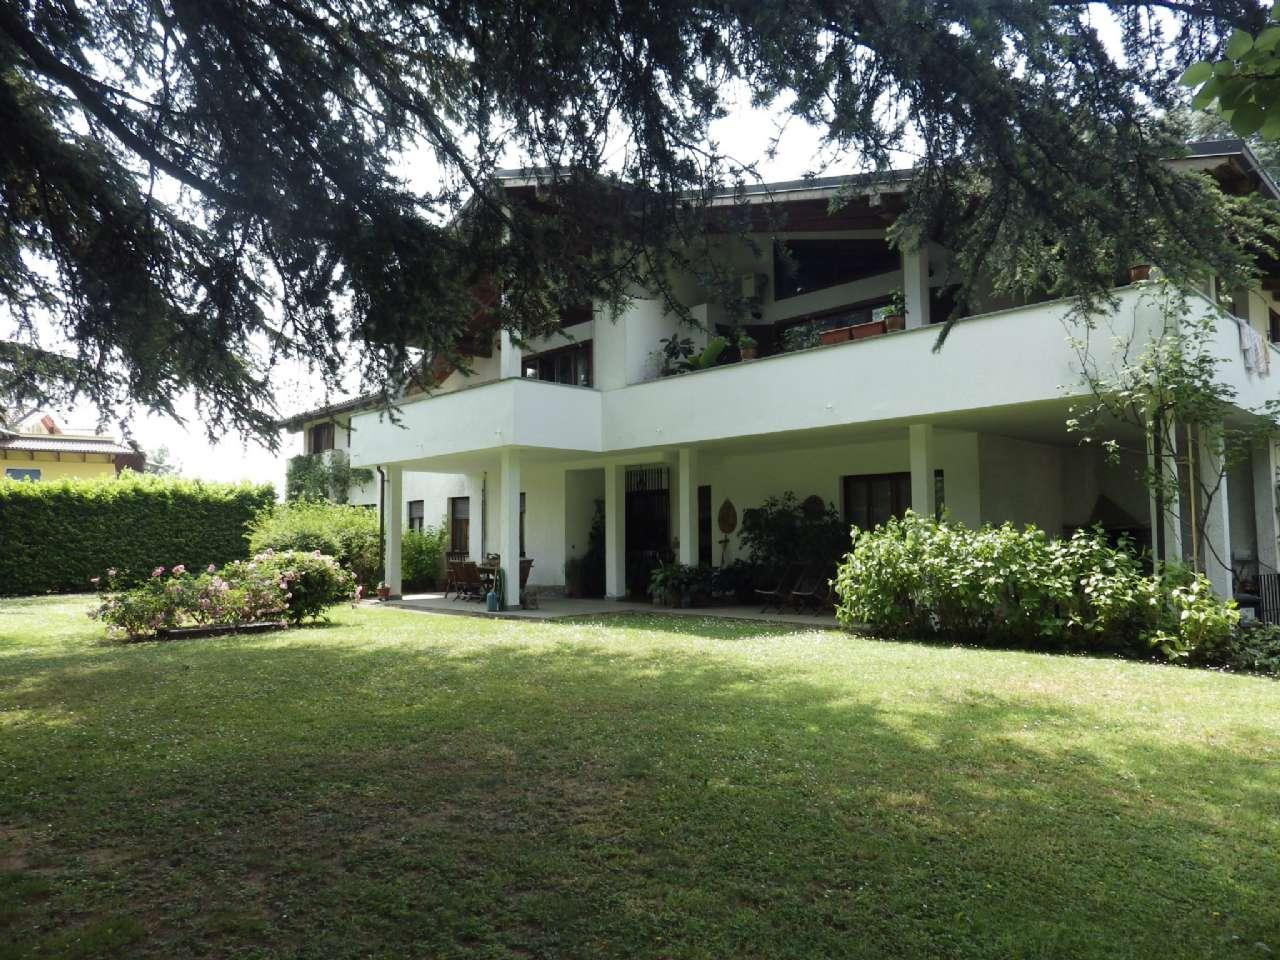 Villa Trifamiliare in Vendita a Rivalta di Torino